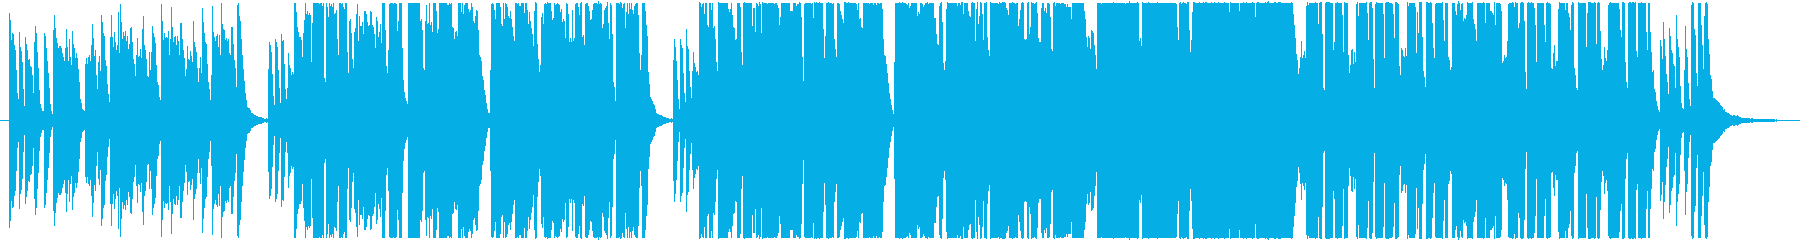 パラダイスの再生済みの波形